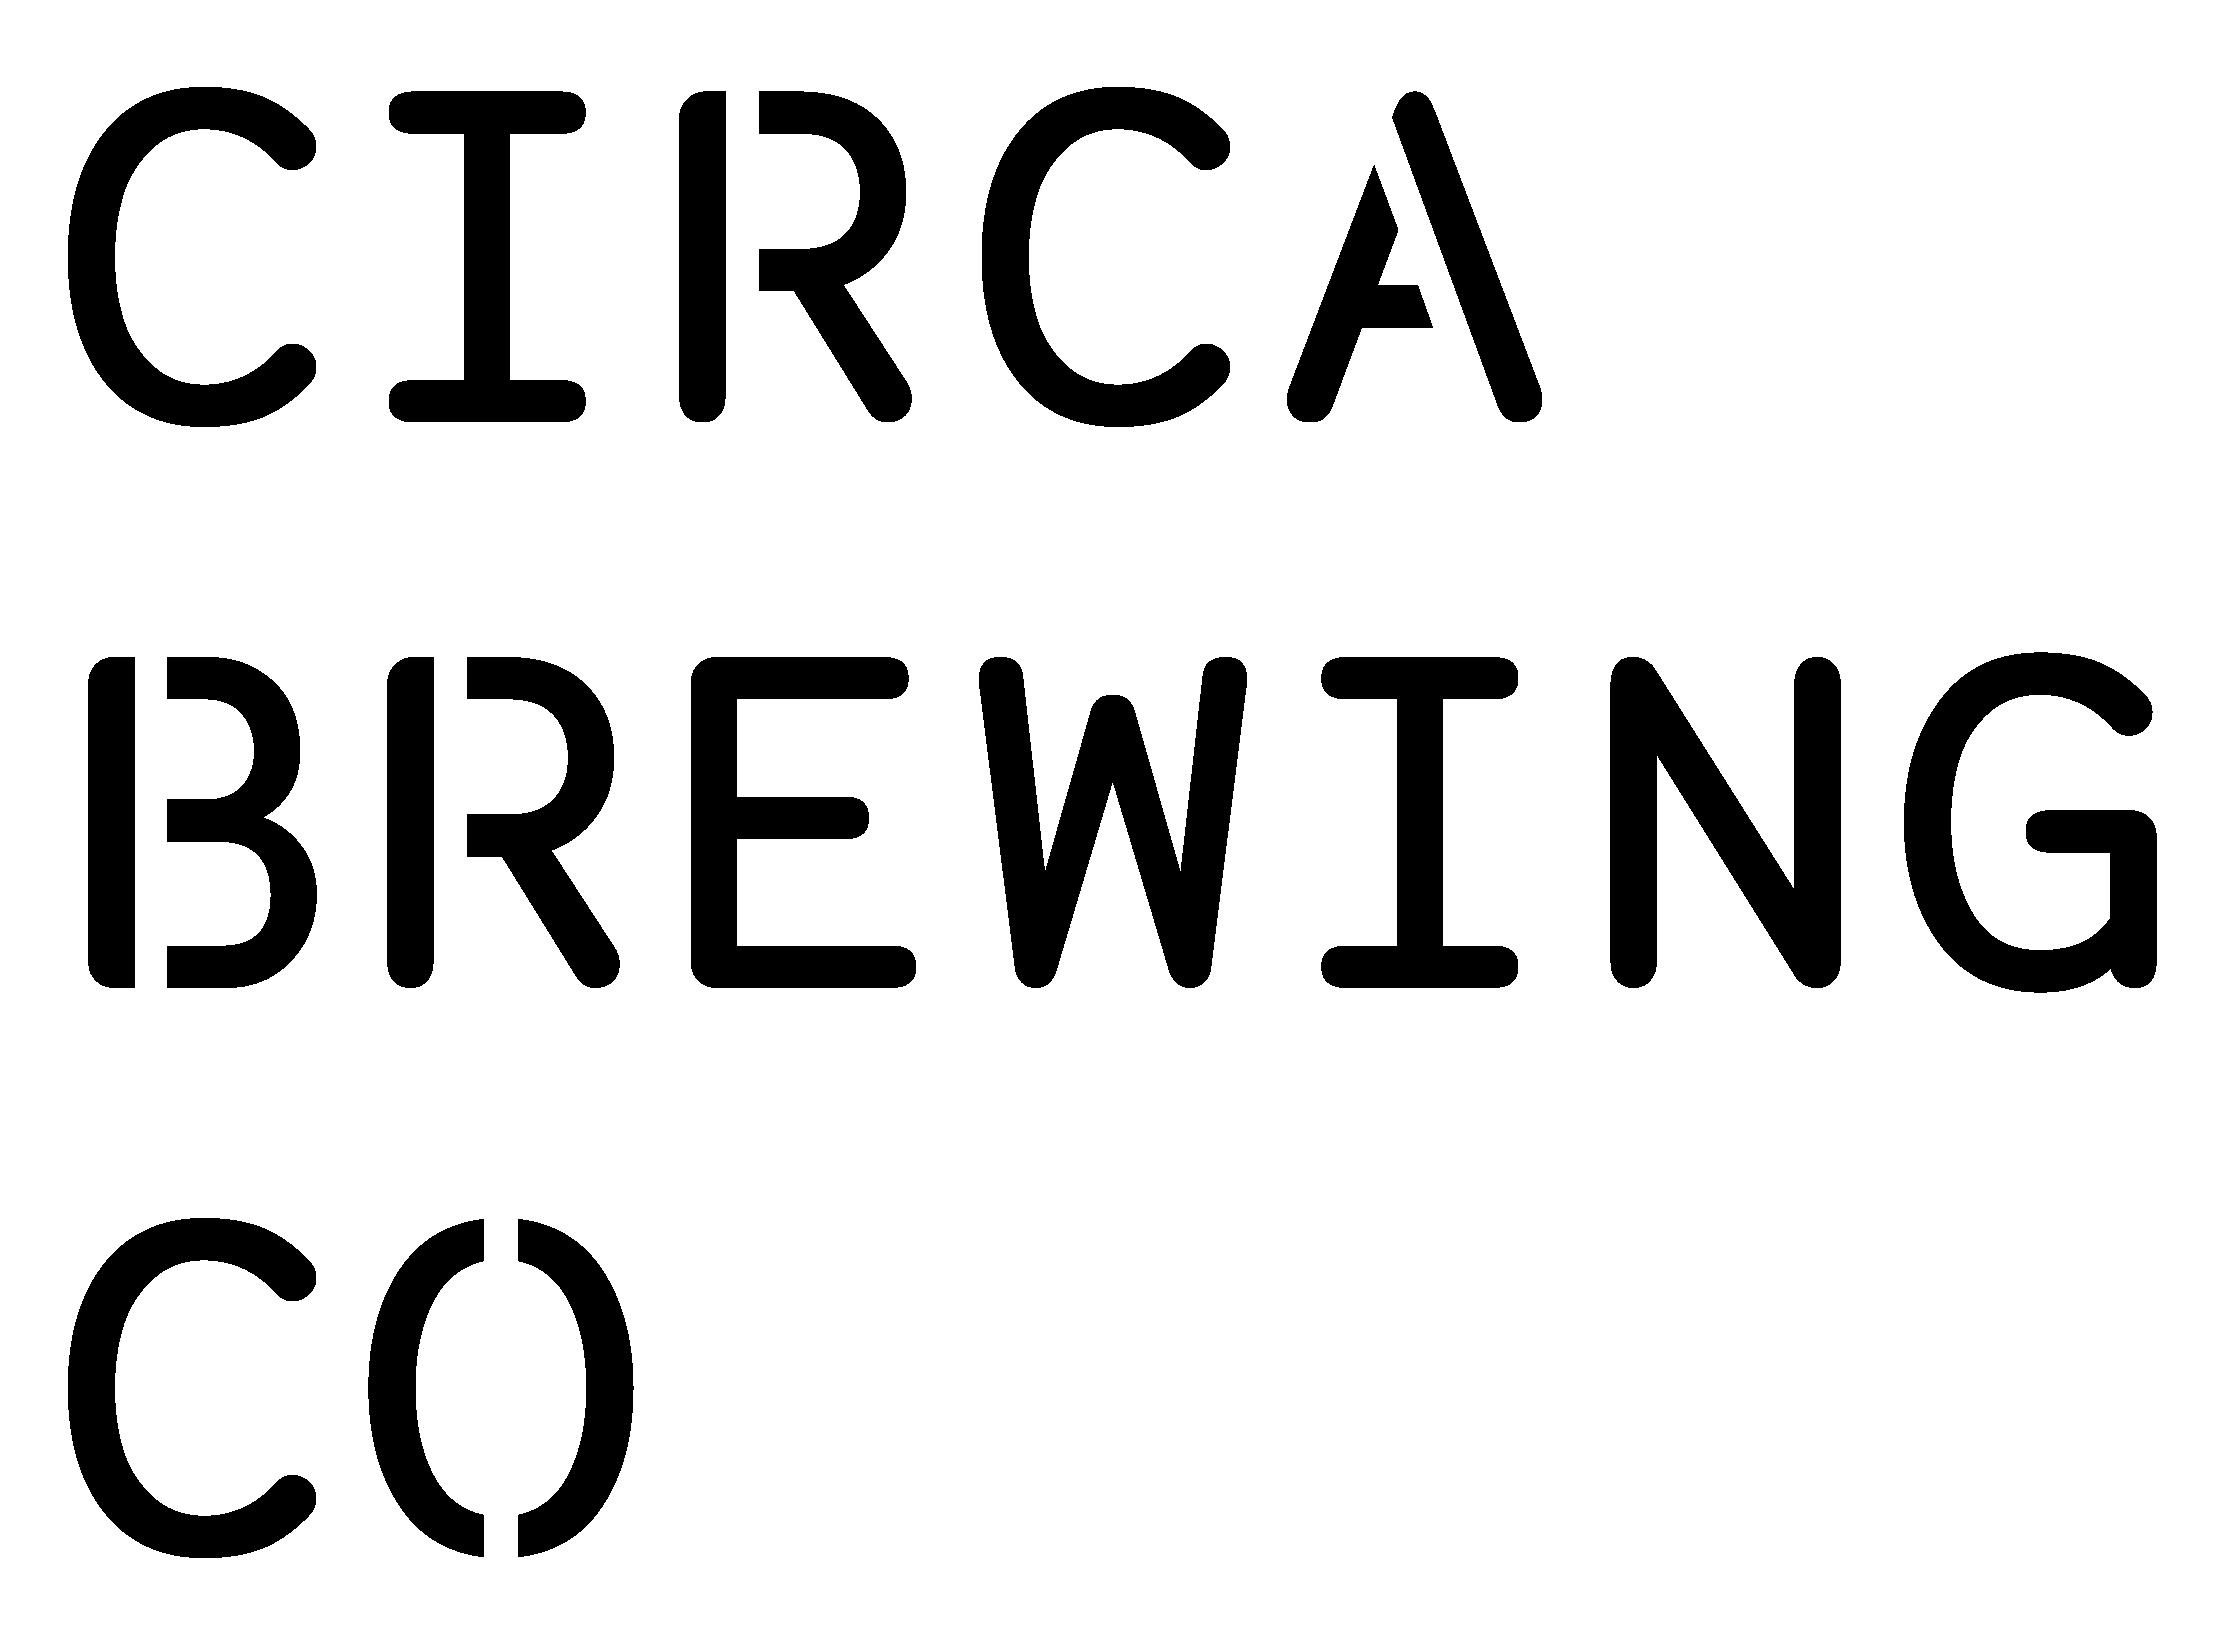 Circa Brewing Co